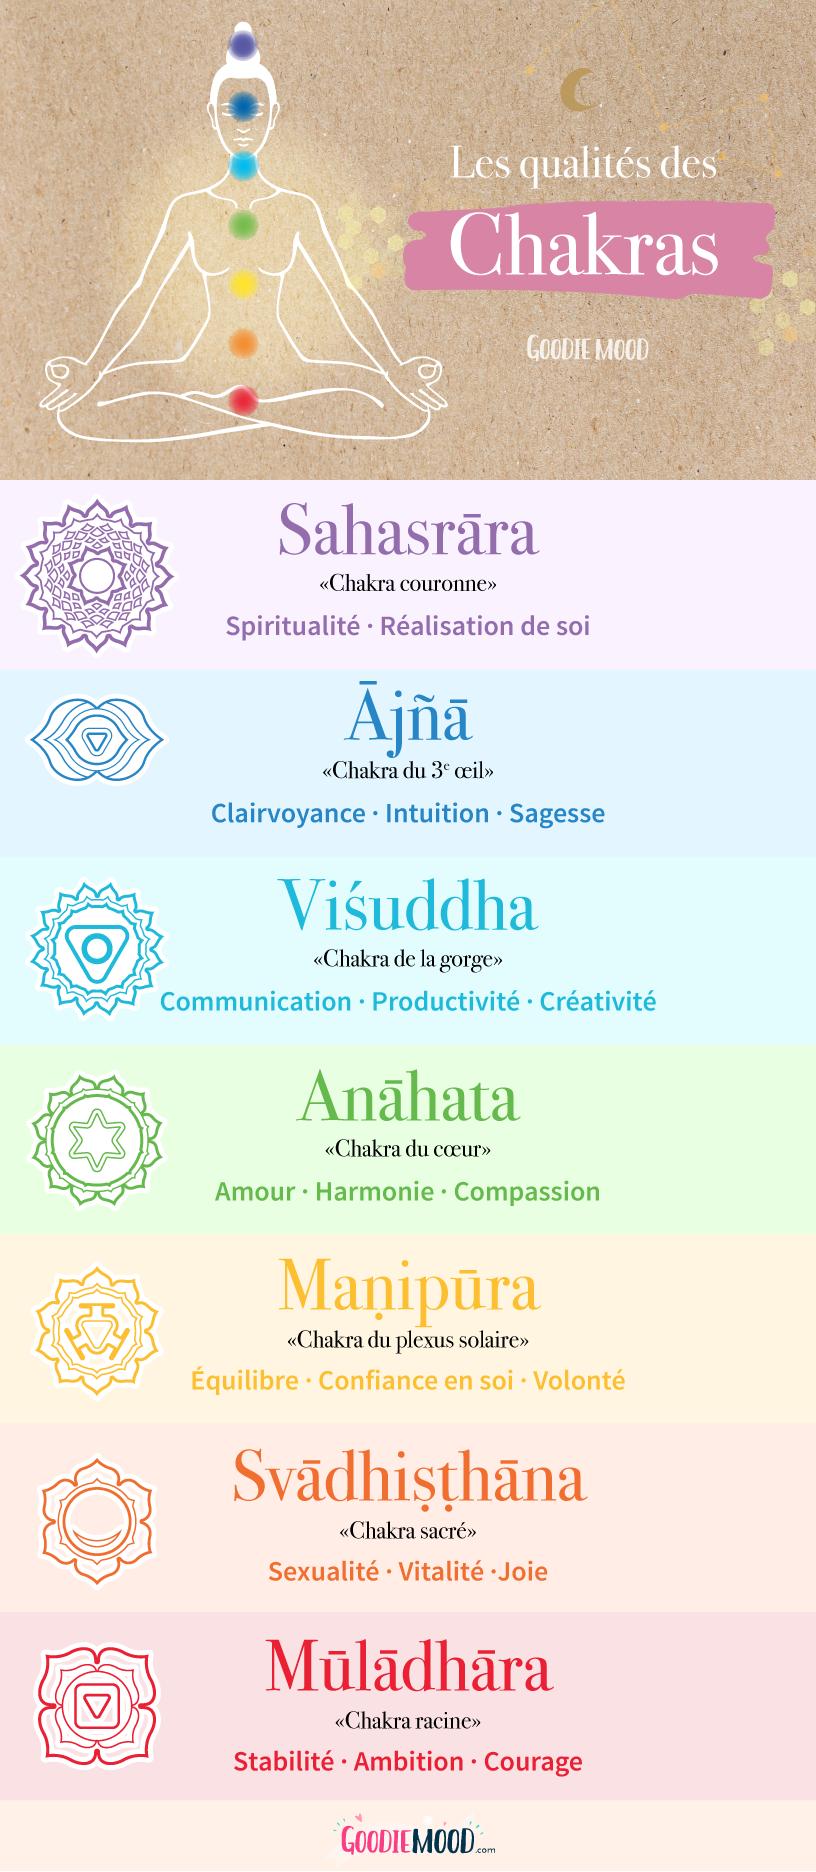 infographie sur les chakras et leur signification